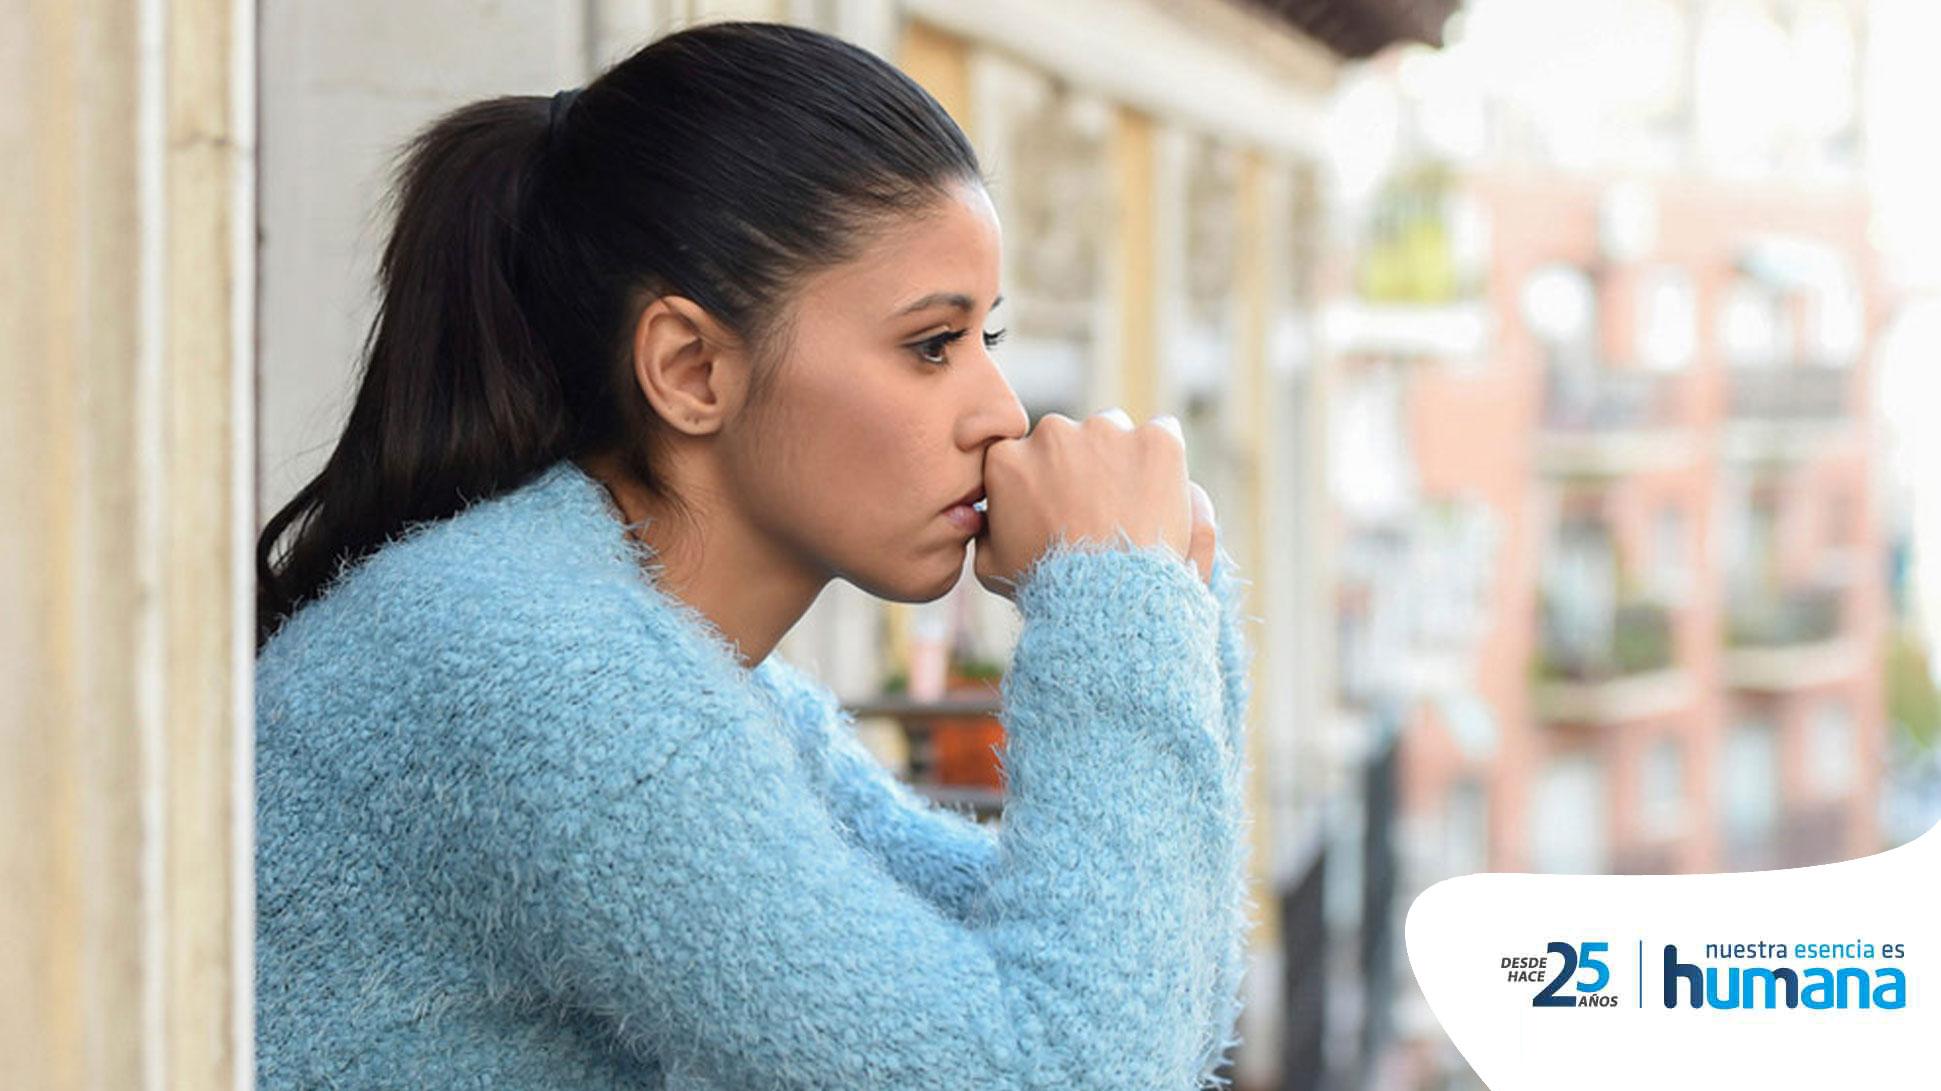 ¿Cómo combatir la ansiedad en esta emergencia sanitaria?